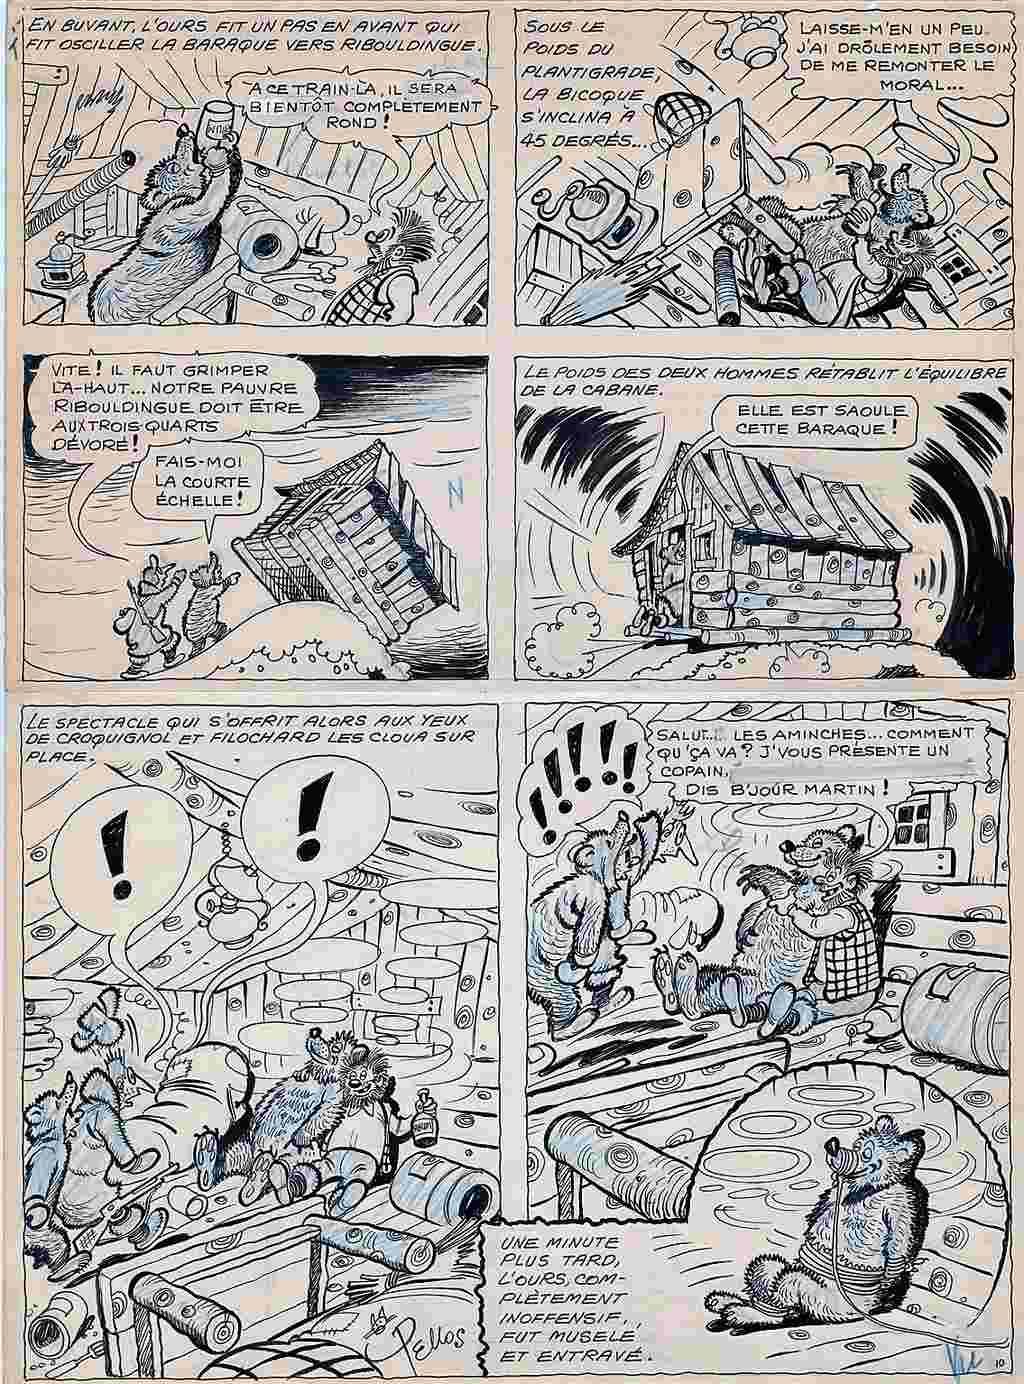 Les cases sportives de René PELLOS et autres séries toutes aussi remarquables - Page 3 Pellos10